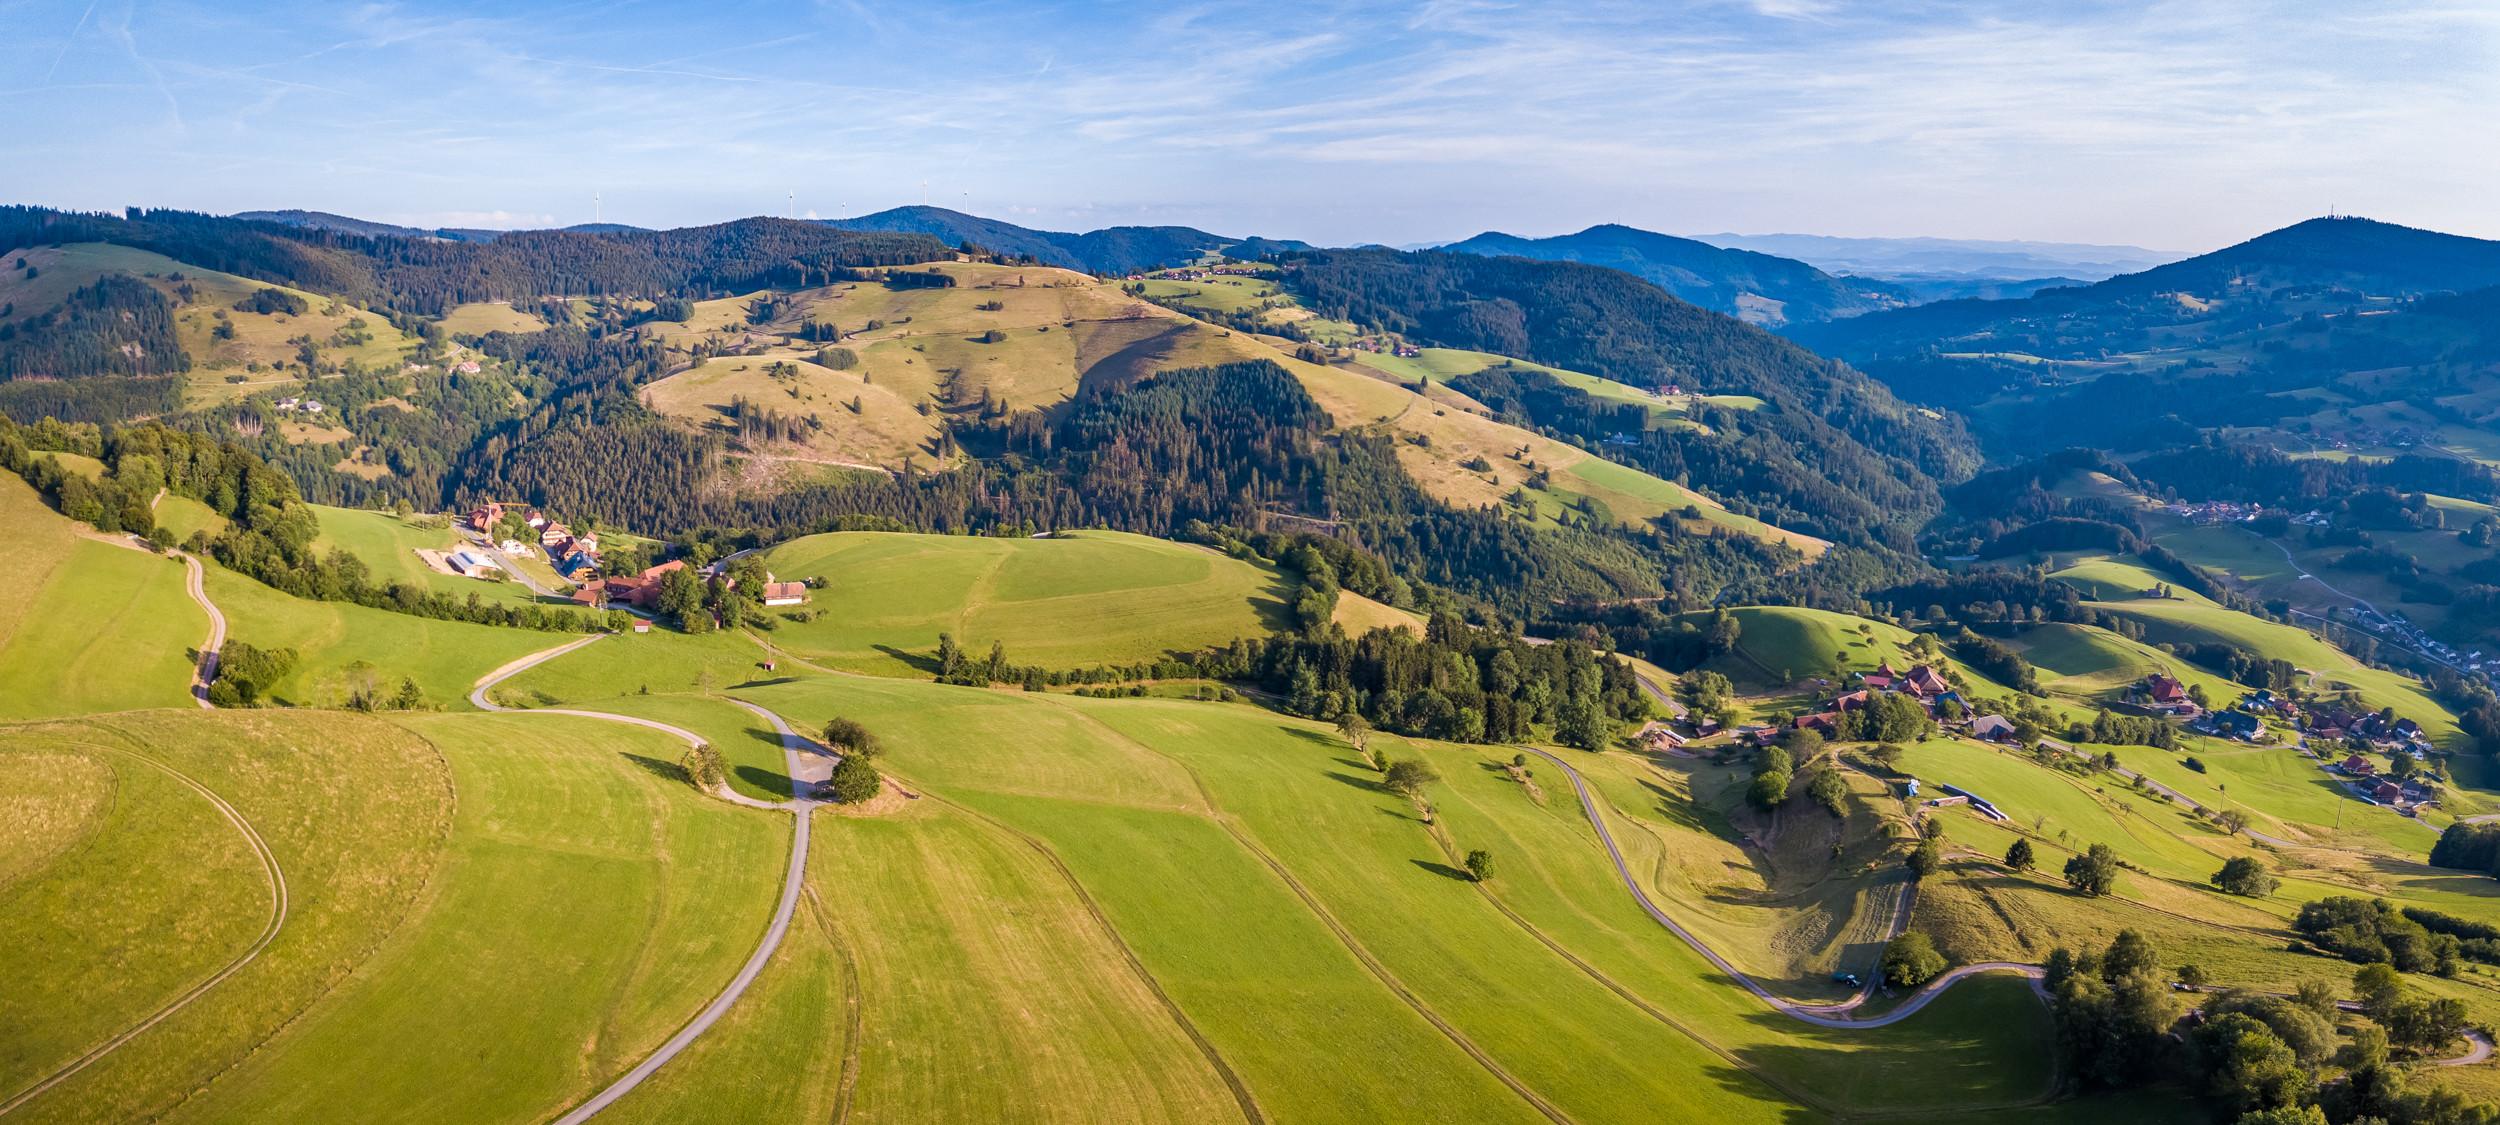 Fröhnd - Das Naturdorf